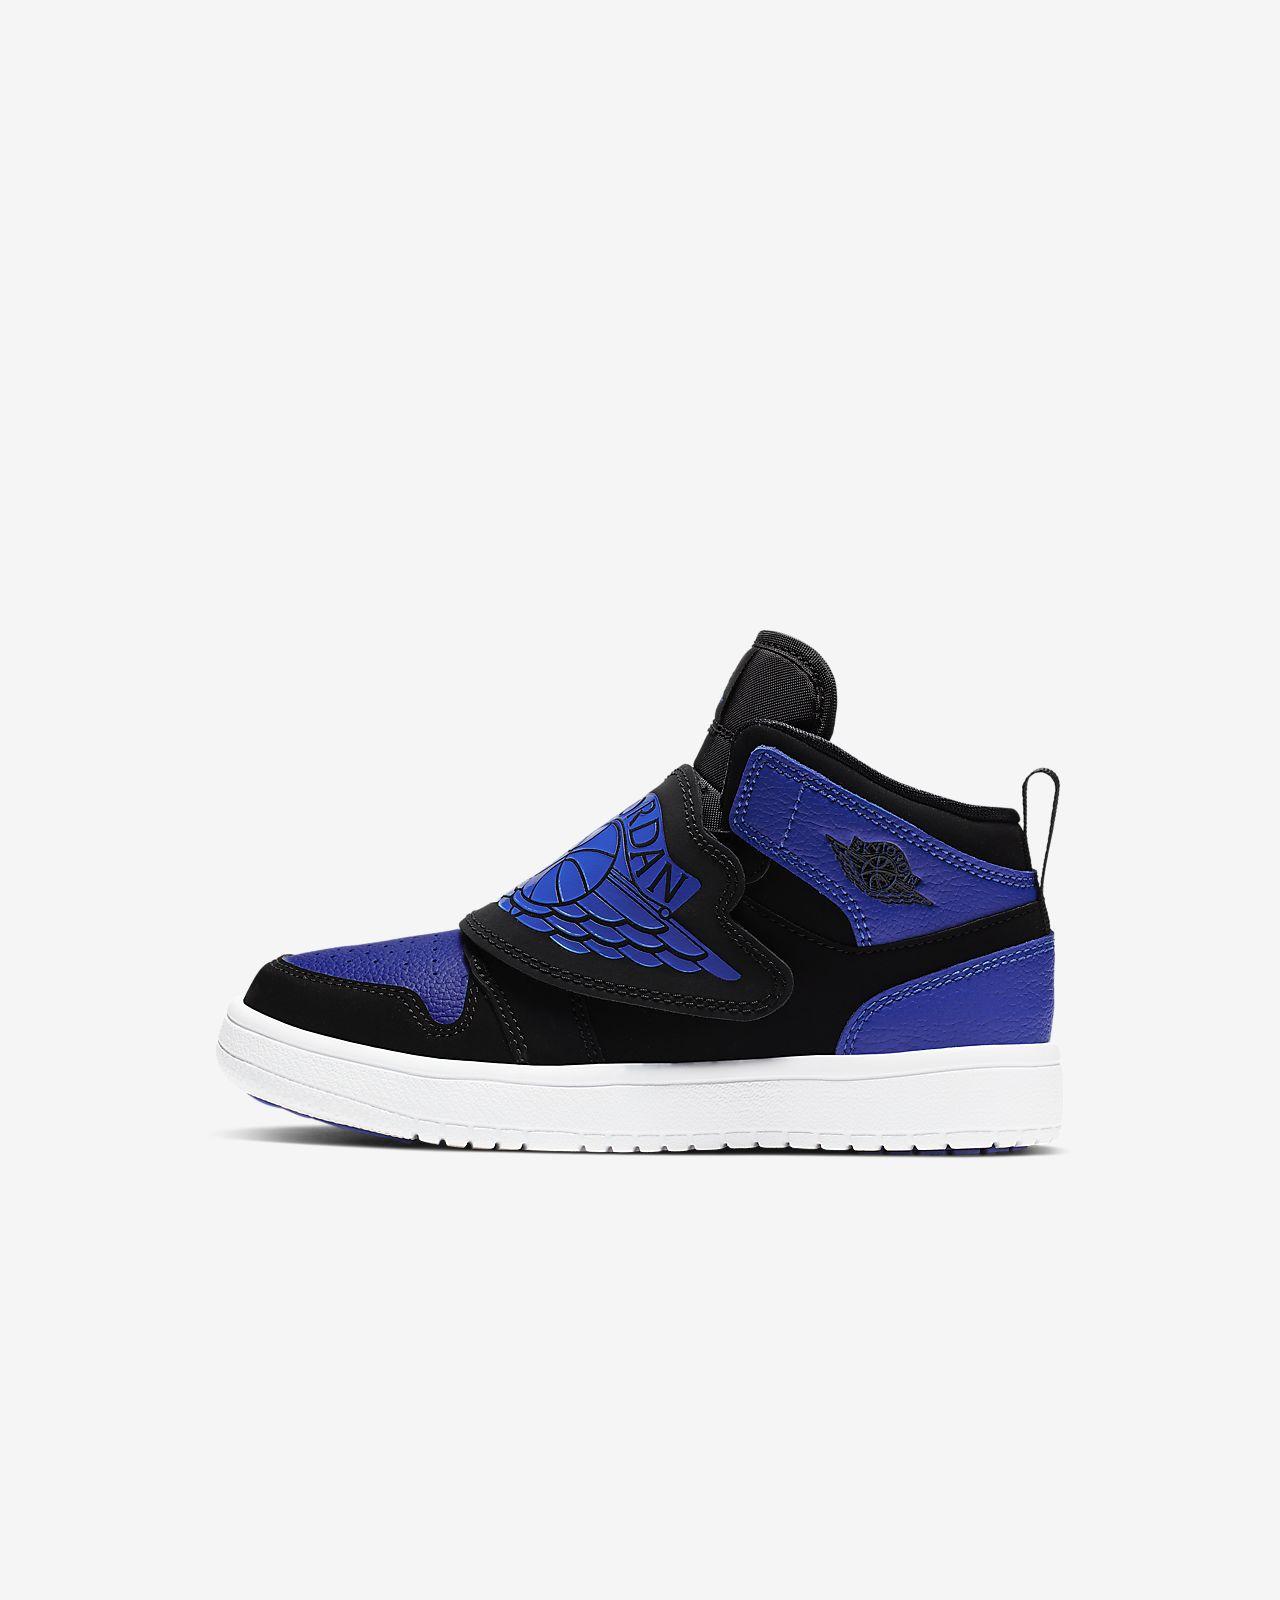 Calzado para niños de talla pequeña Sky Jordan 1